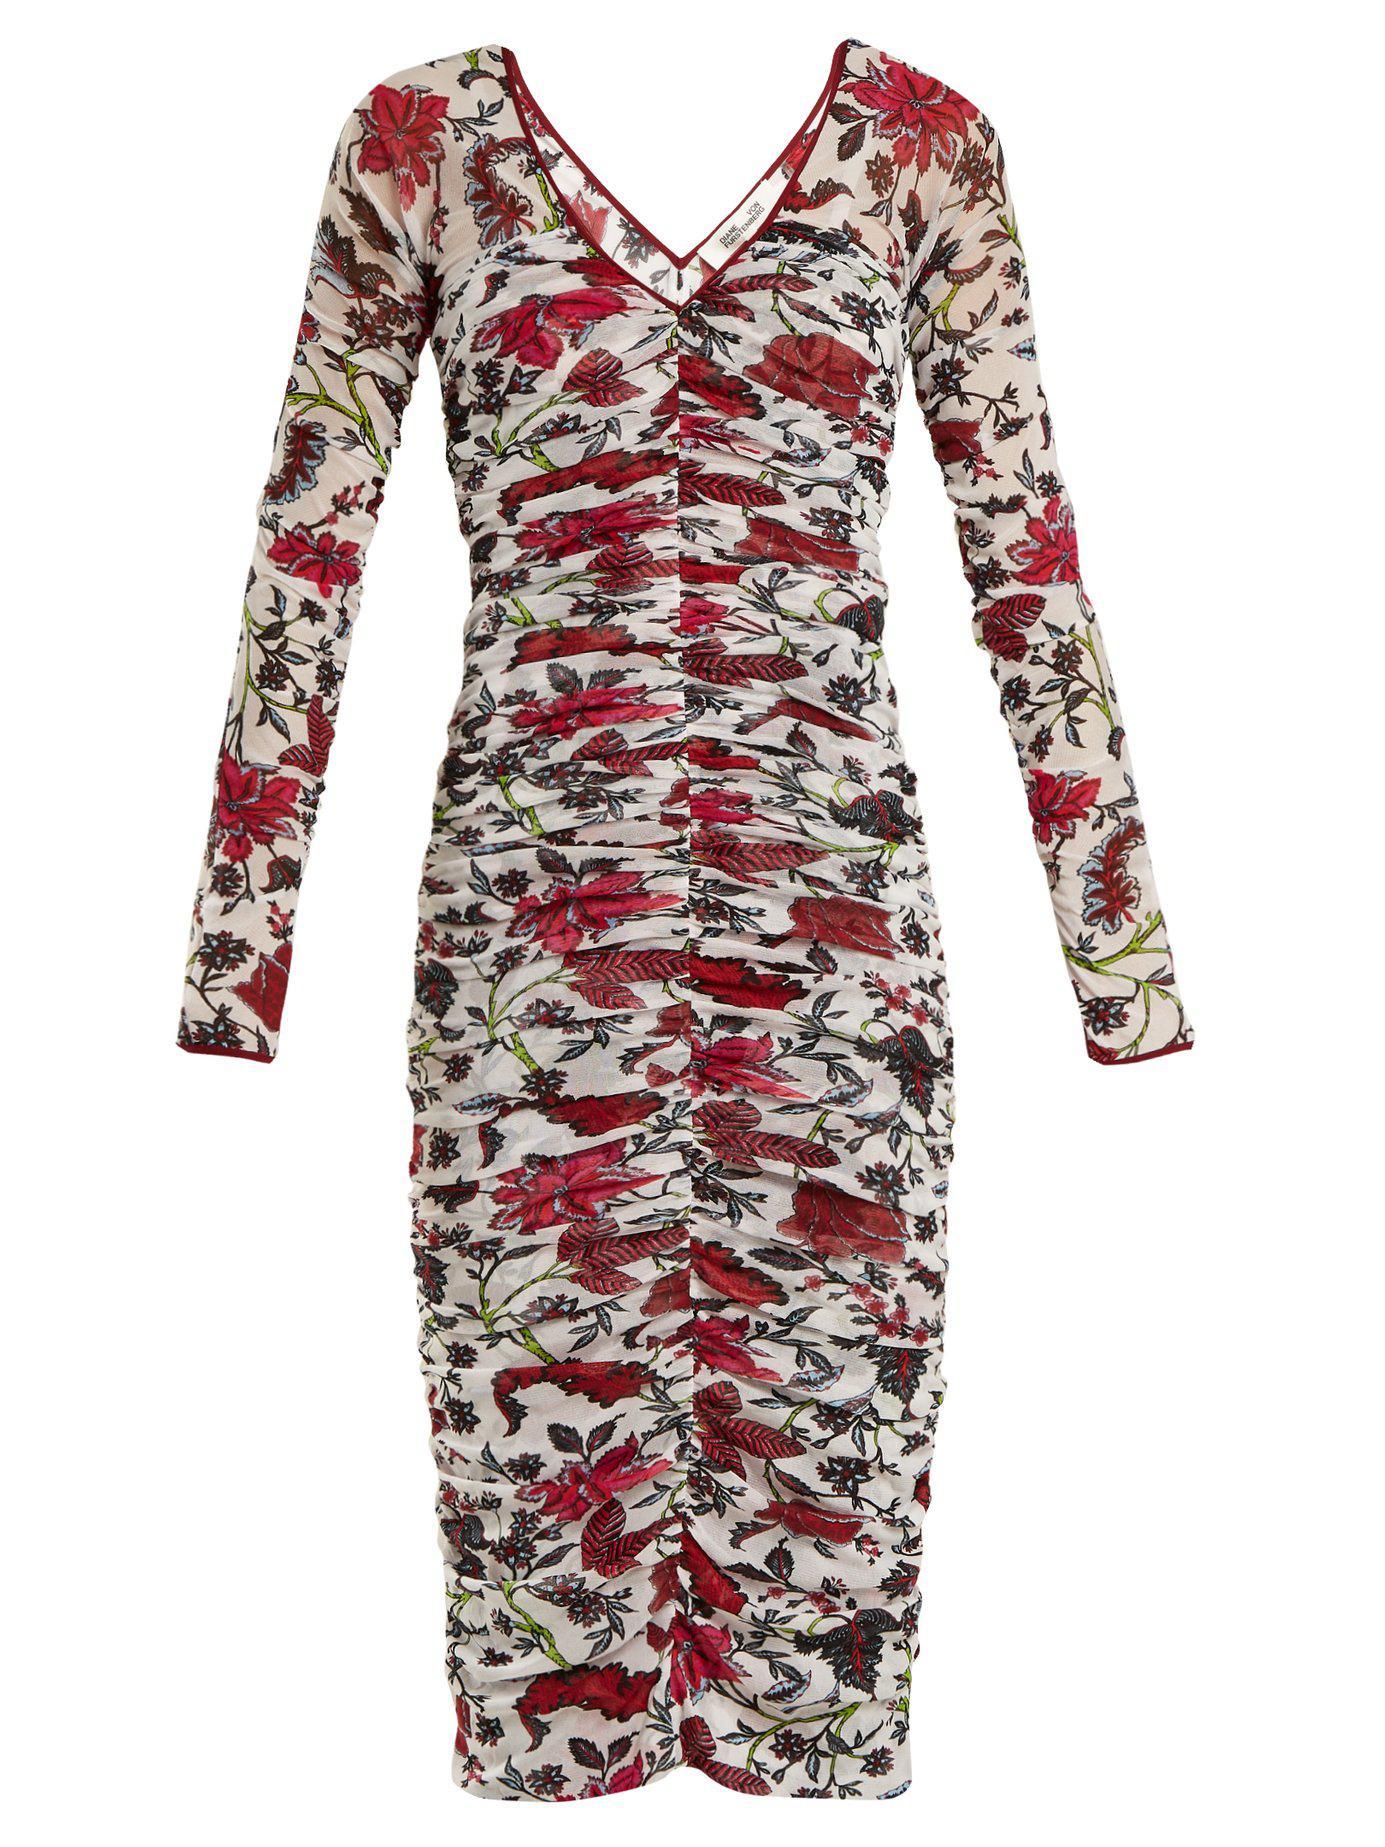 5036b4d7a91a3 Diane von Furstenberg Canton Print Ruched Mesh Dress in White - Lyst